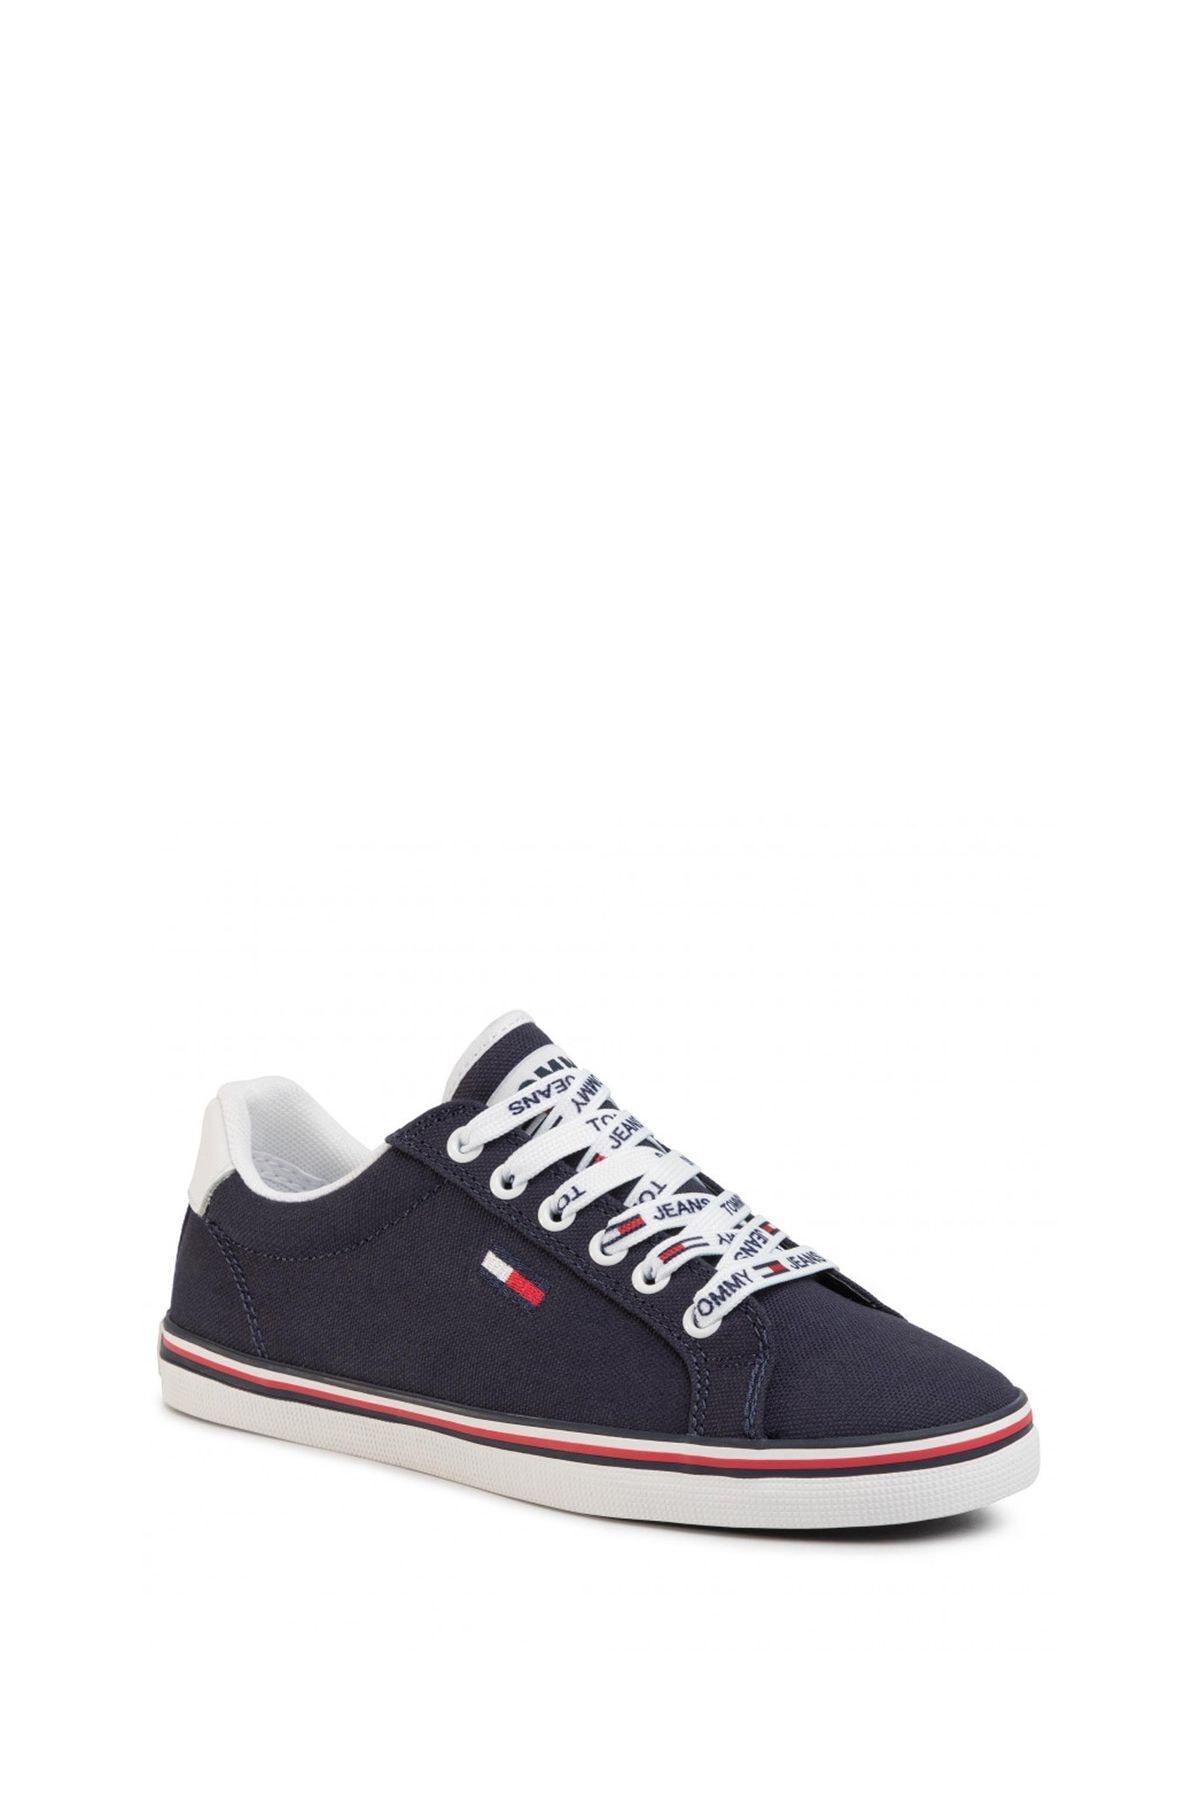 Tommy Hilfiger Kadın Essential Lace Up Sneaker Kadın Ayakkabı En0en00786 1